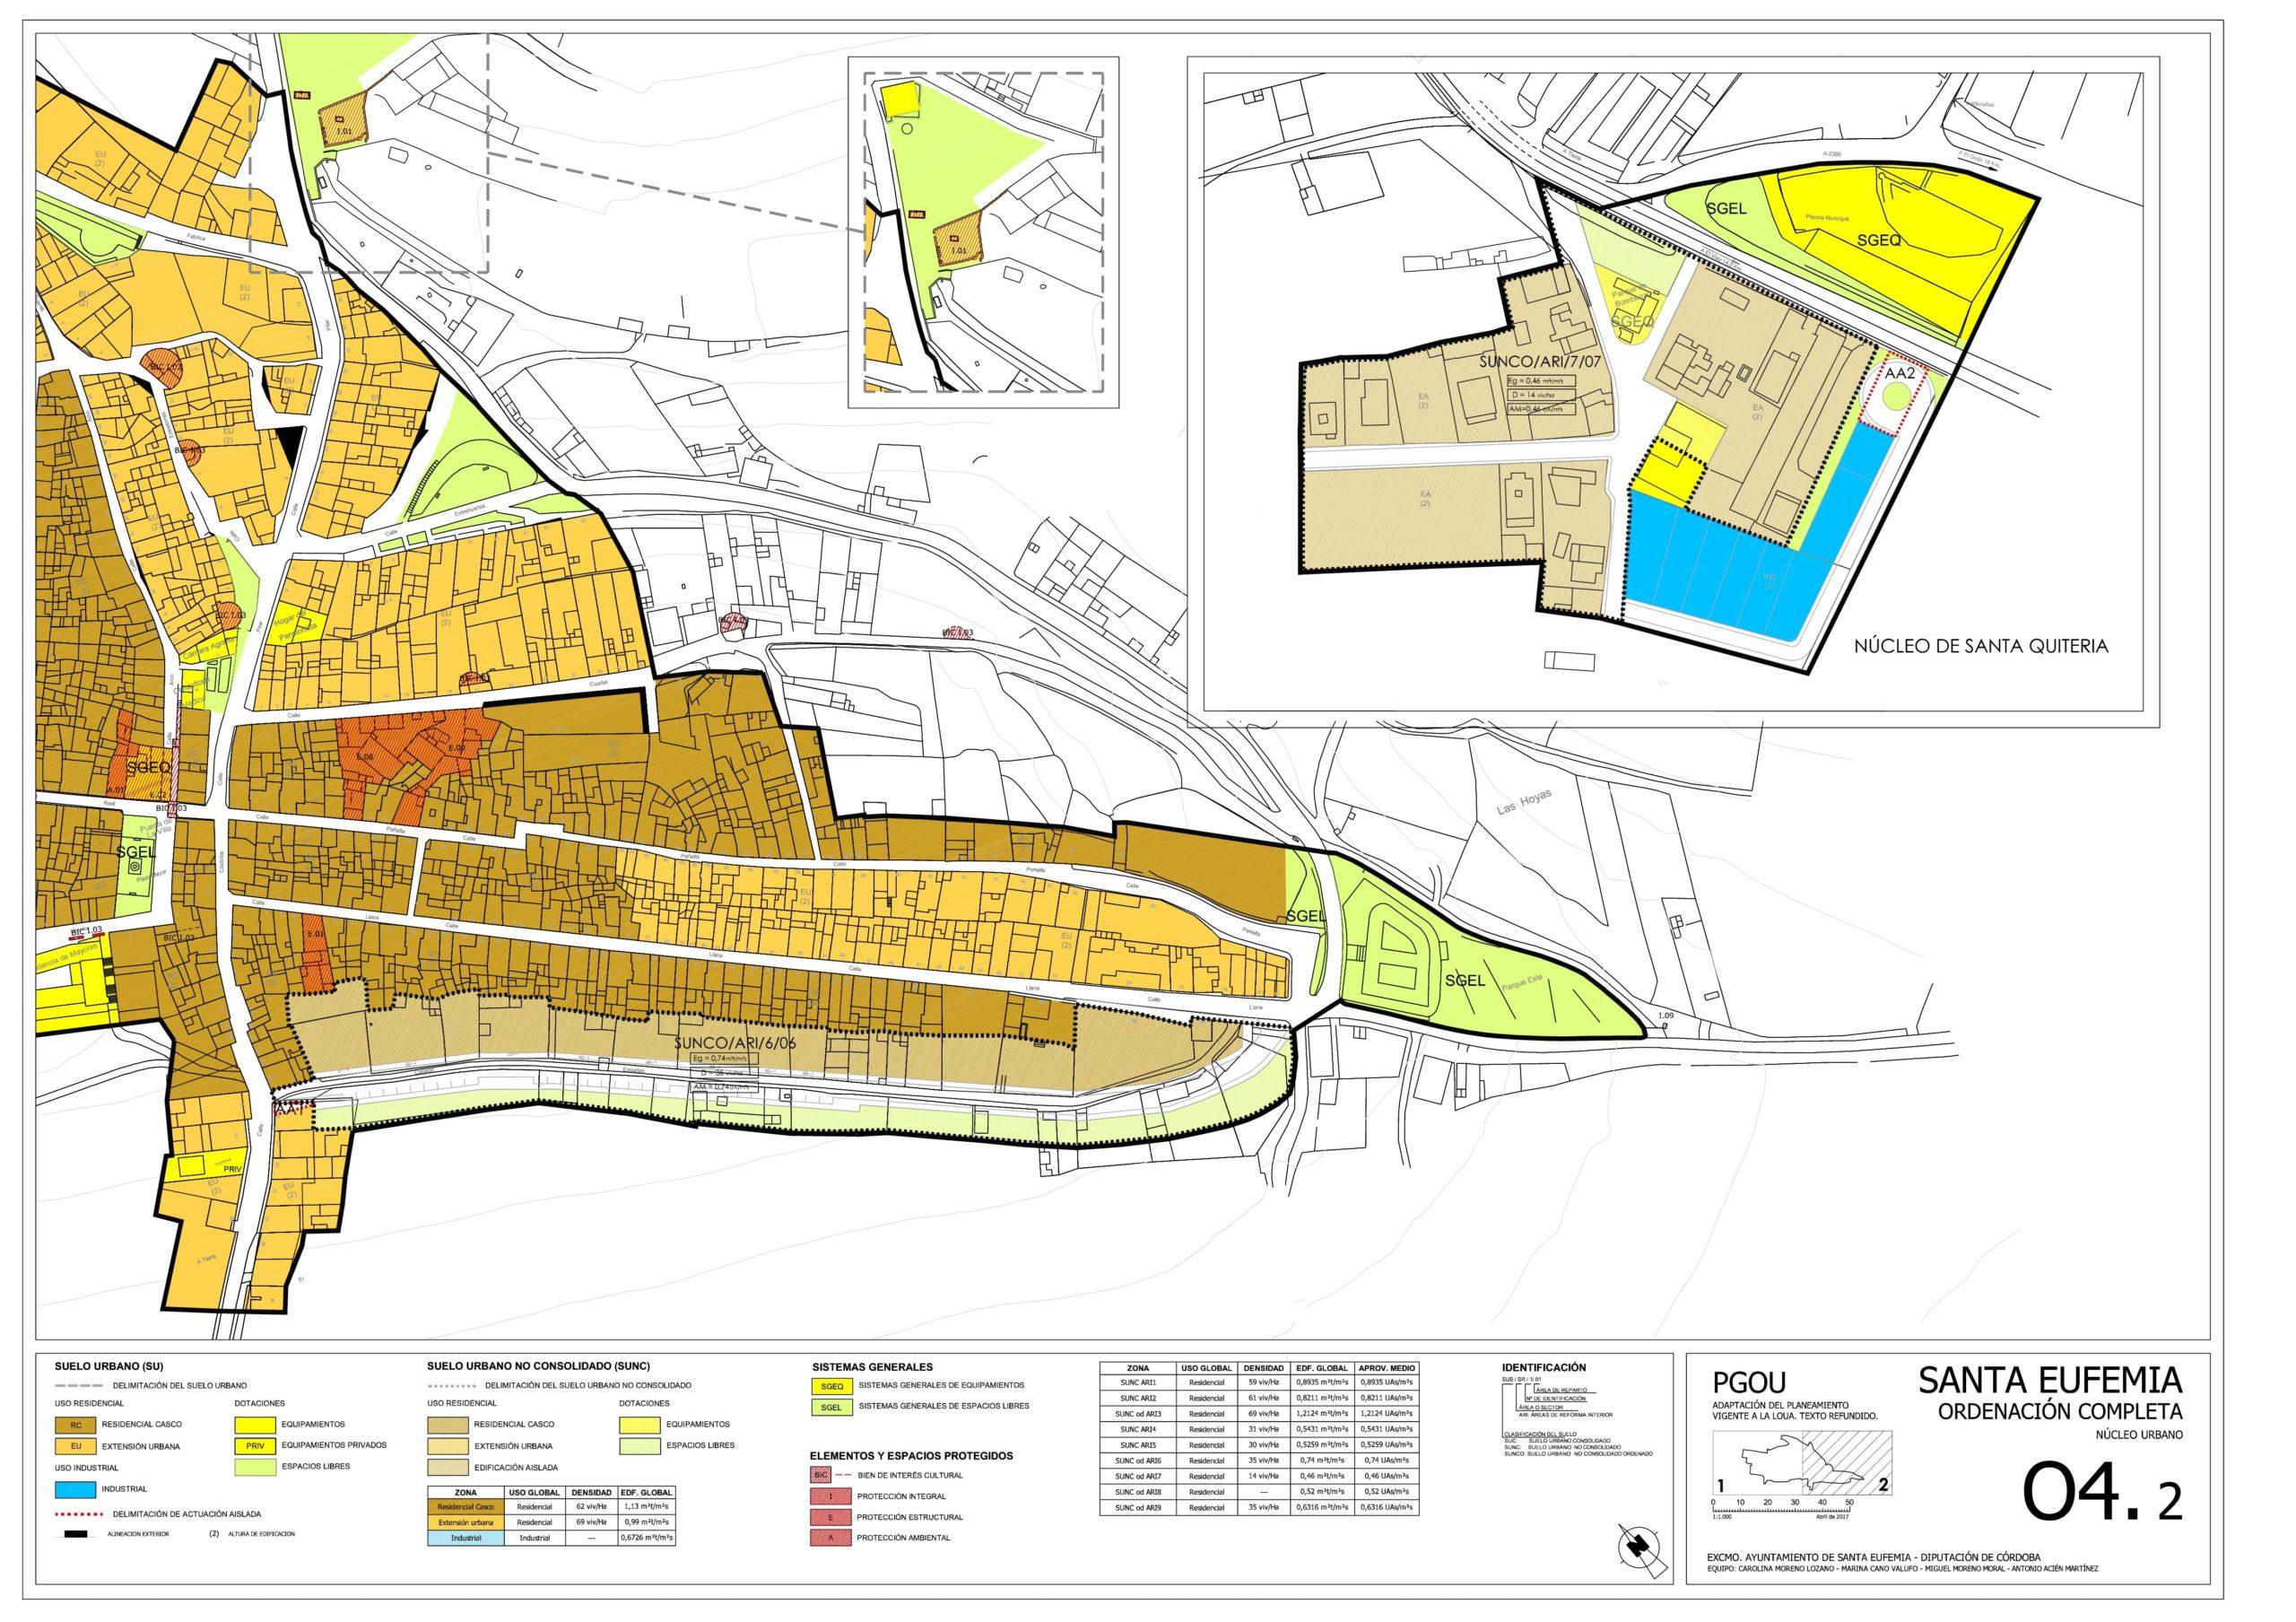 Transparencia en materias de urbanismo, obras públicas y medio ambiente 13